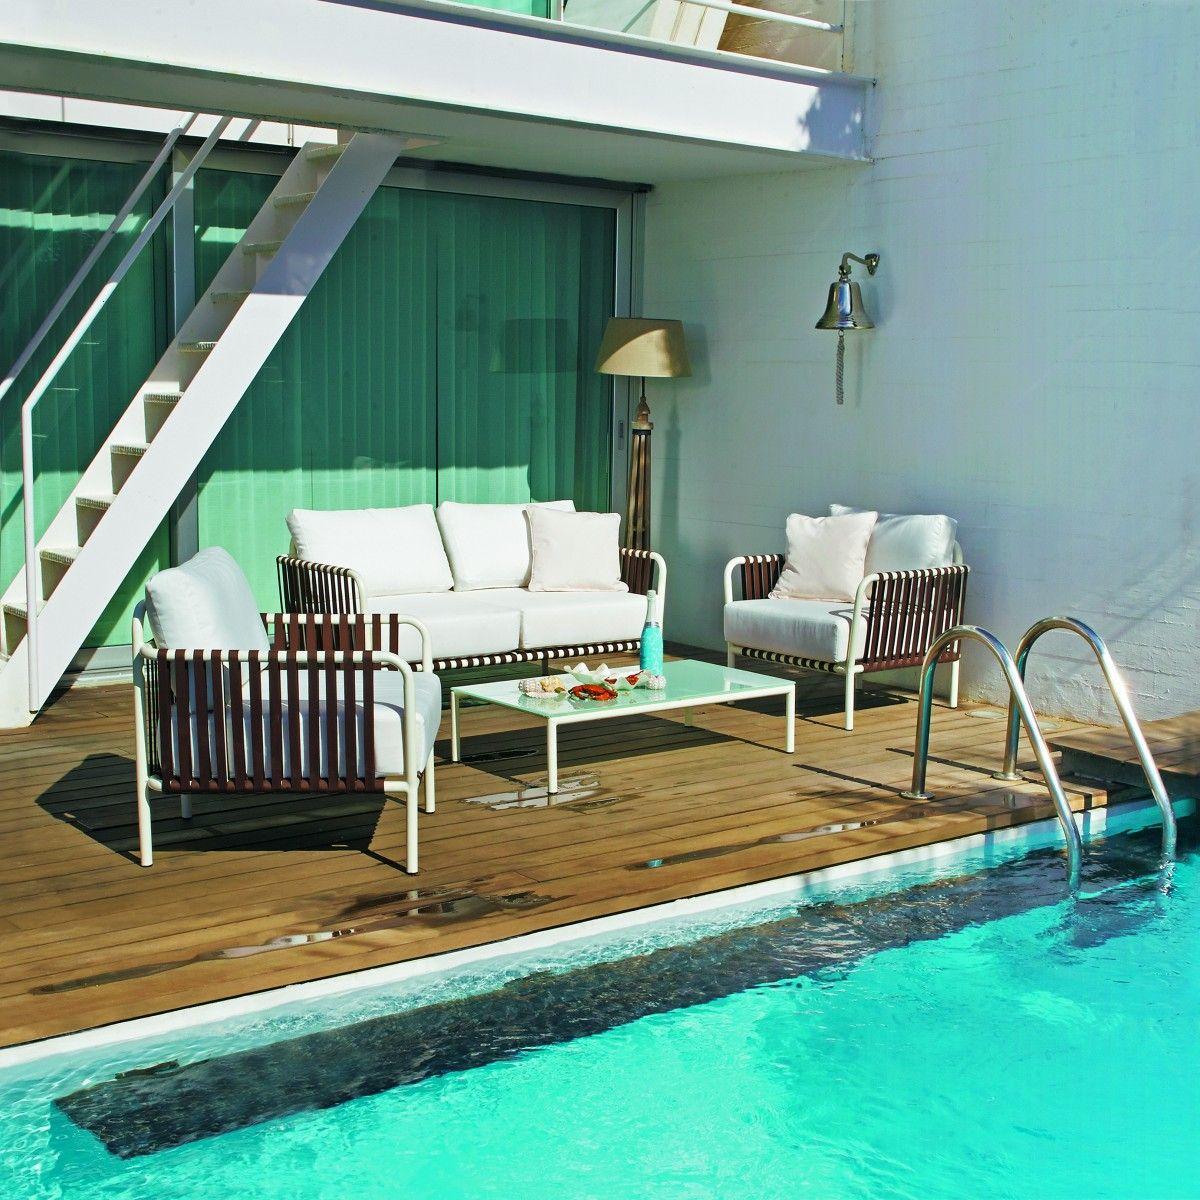 ideas para decorar y amueblar el jardín #terrazas #piscina #verano